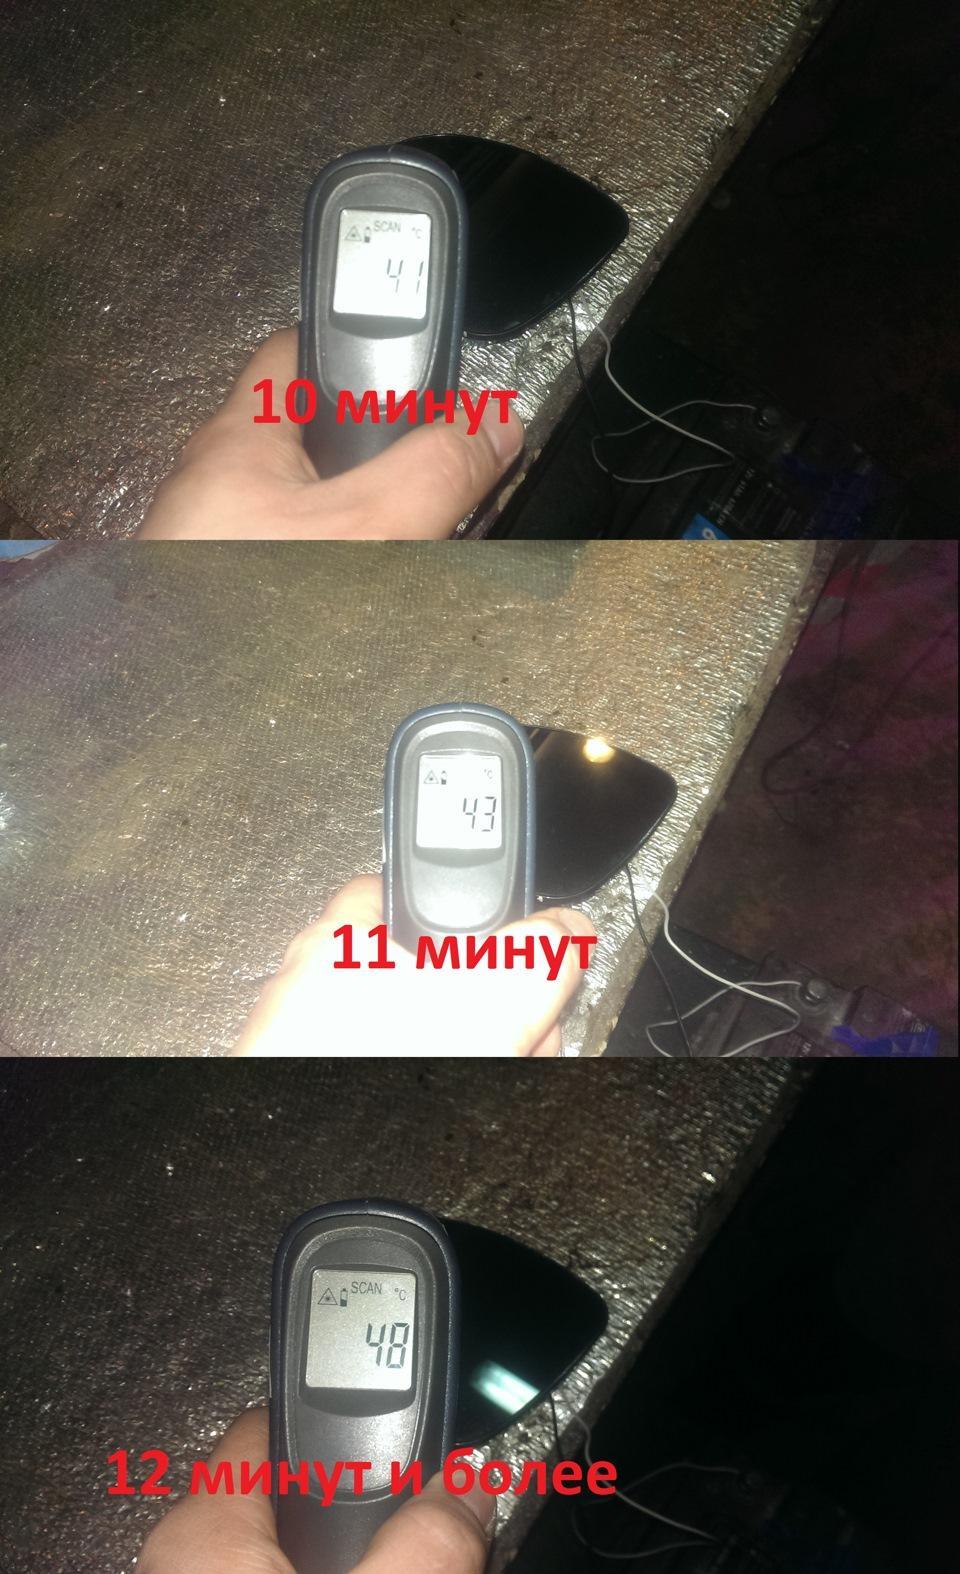 37градусов 11 минут: